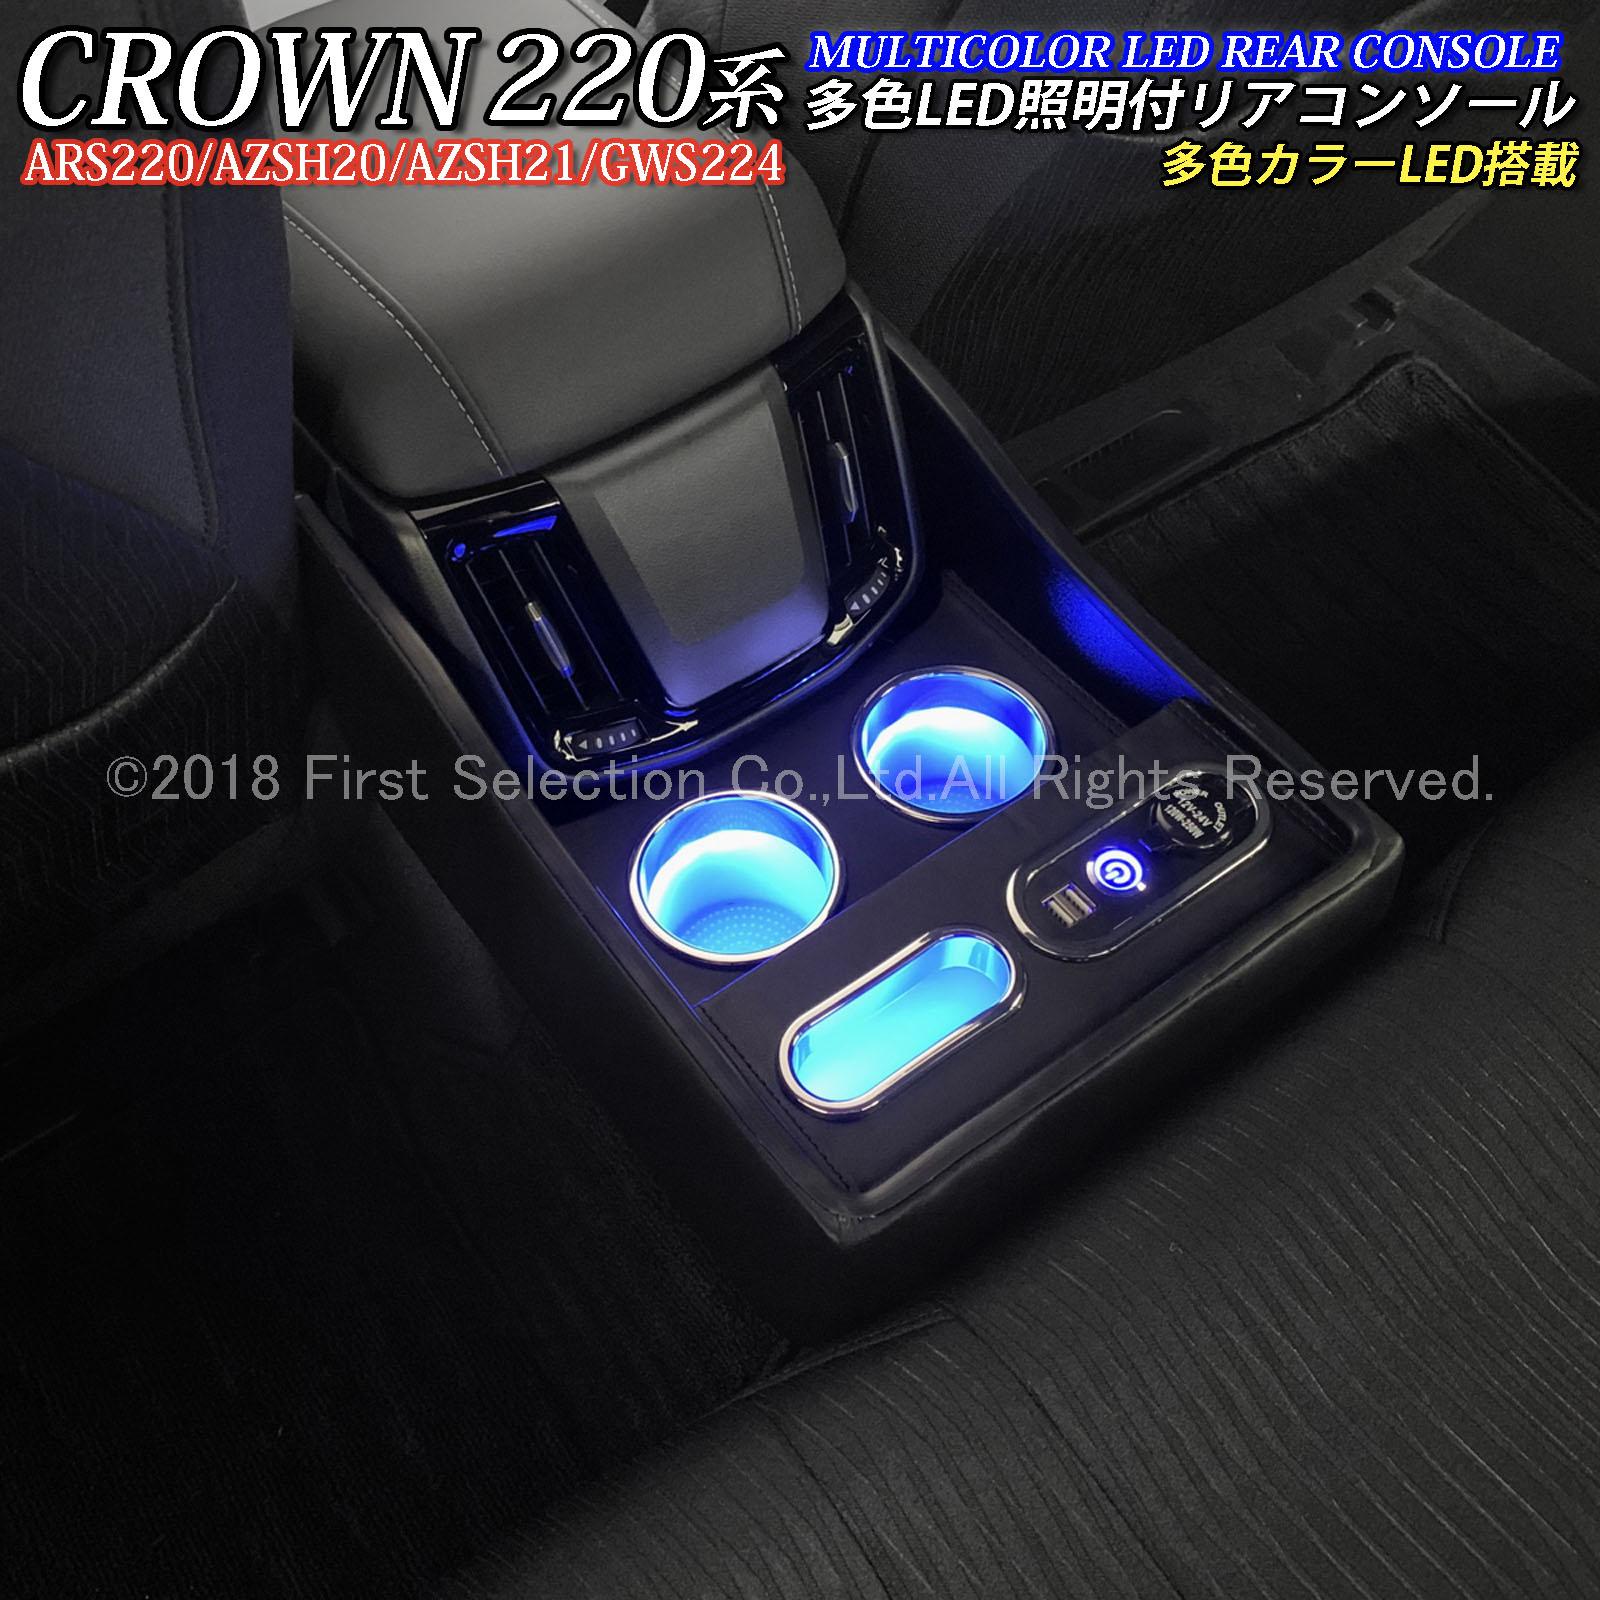 トヨタ 220系クラウン用 VIP仕様 多色LED照明付リアセンターコンソール(黒) 220クラウン ARS220 AZSH20 AZSH21 GWS224